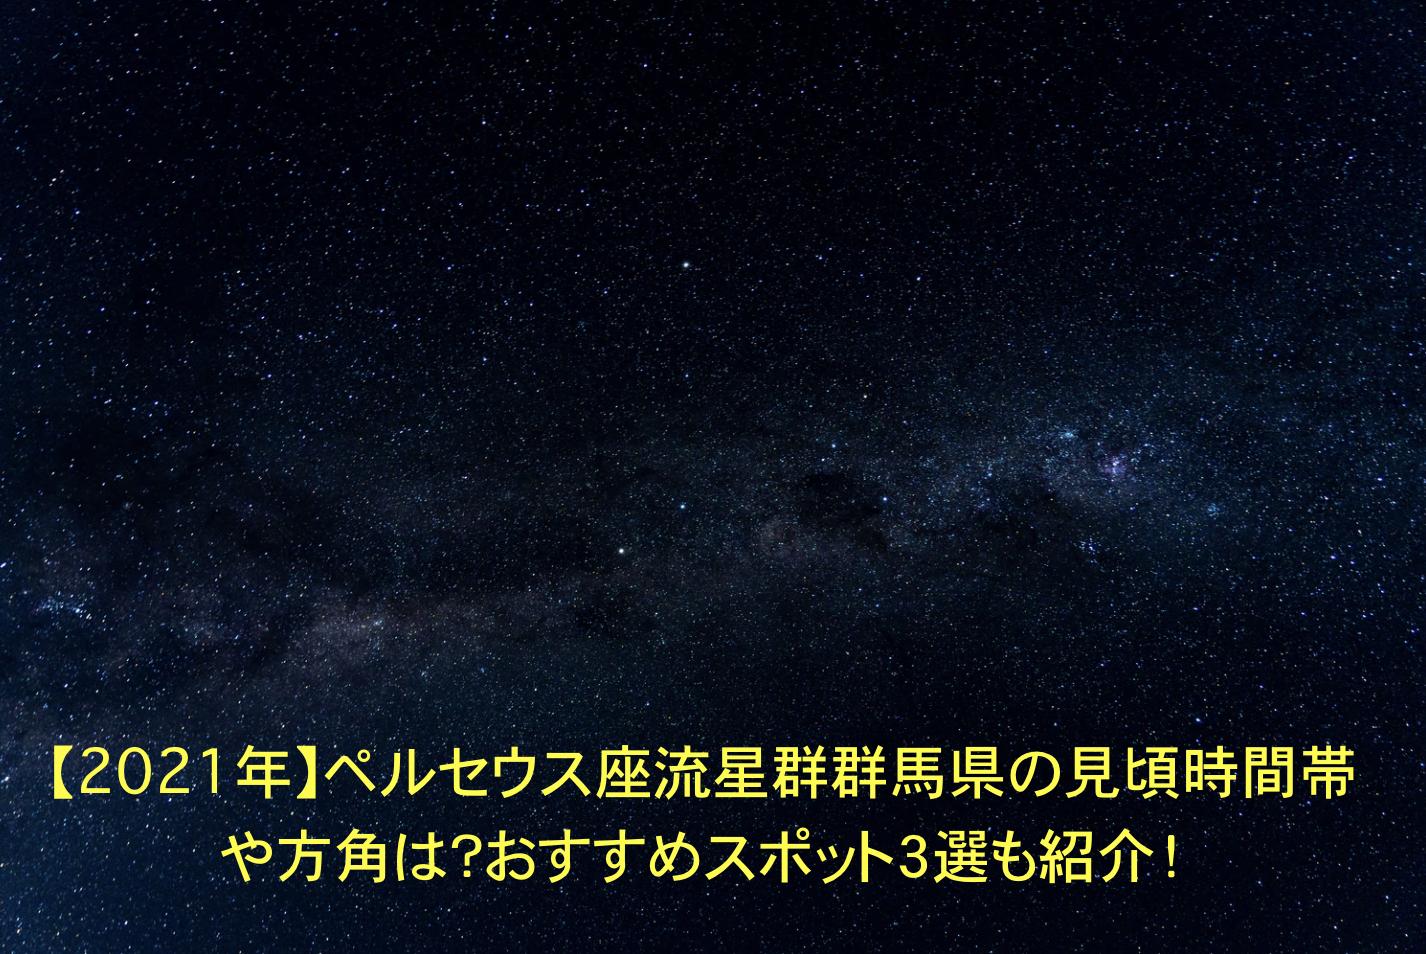 ペルセウス座流星群 群馬 見頃時間帯 方角 おすすめスポット